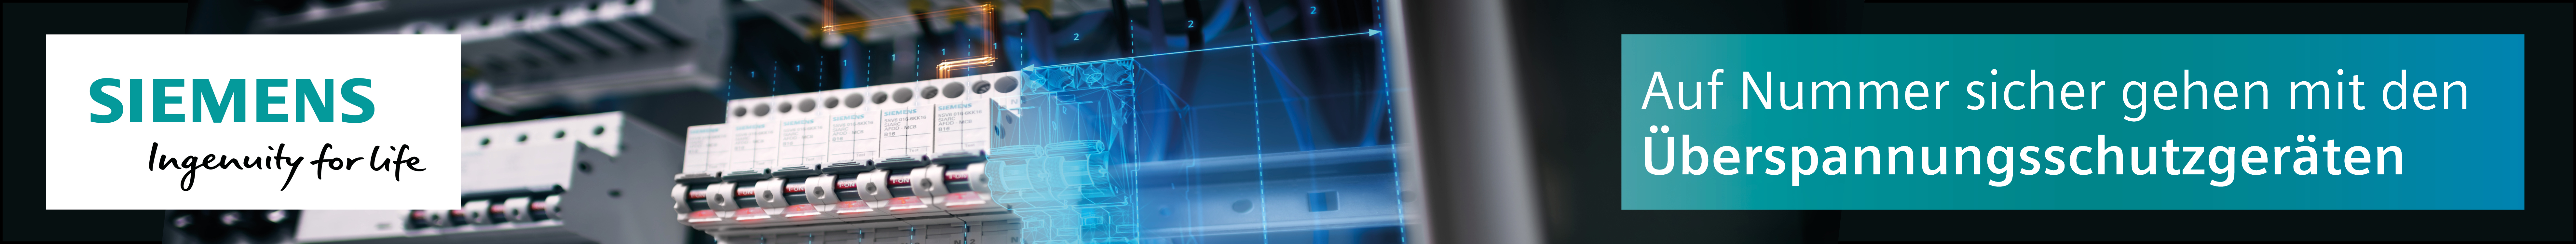 Überspannungsschutz von Siemens - lückenlos sicher